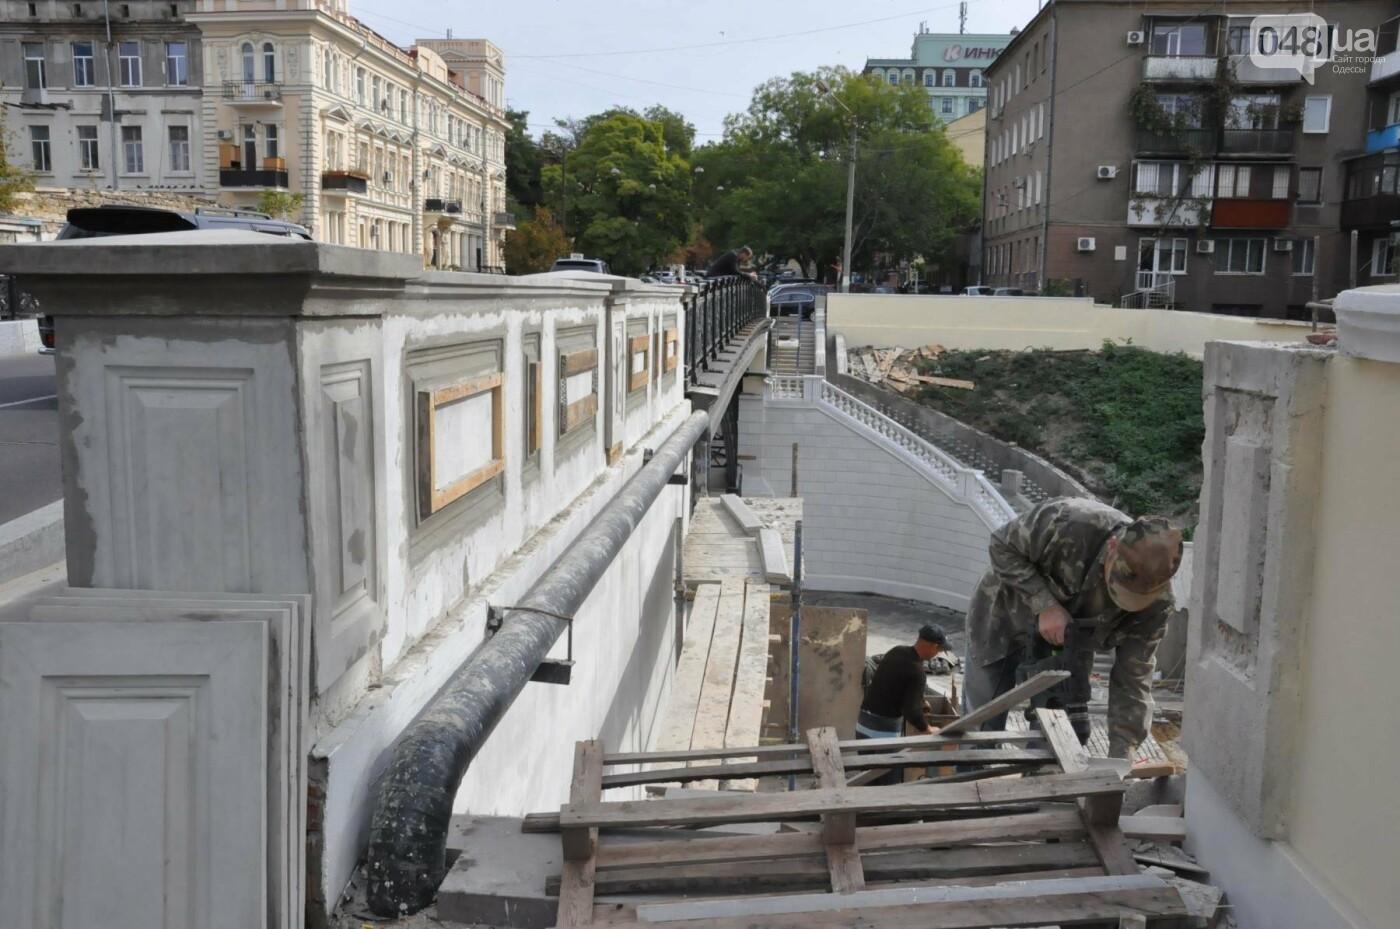 Одесский брат Эйфелевой башни ржав и, возможно, обворован при реставрации (ФОТО), фото-11